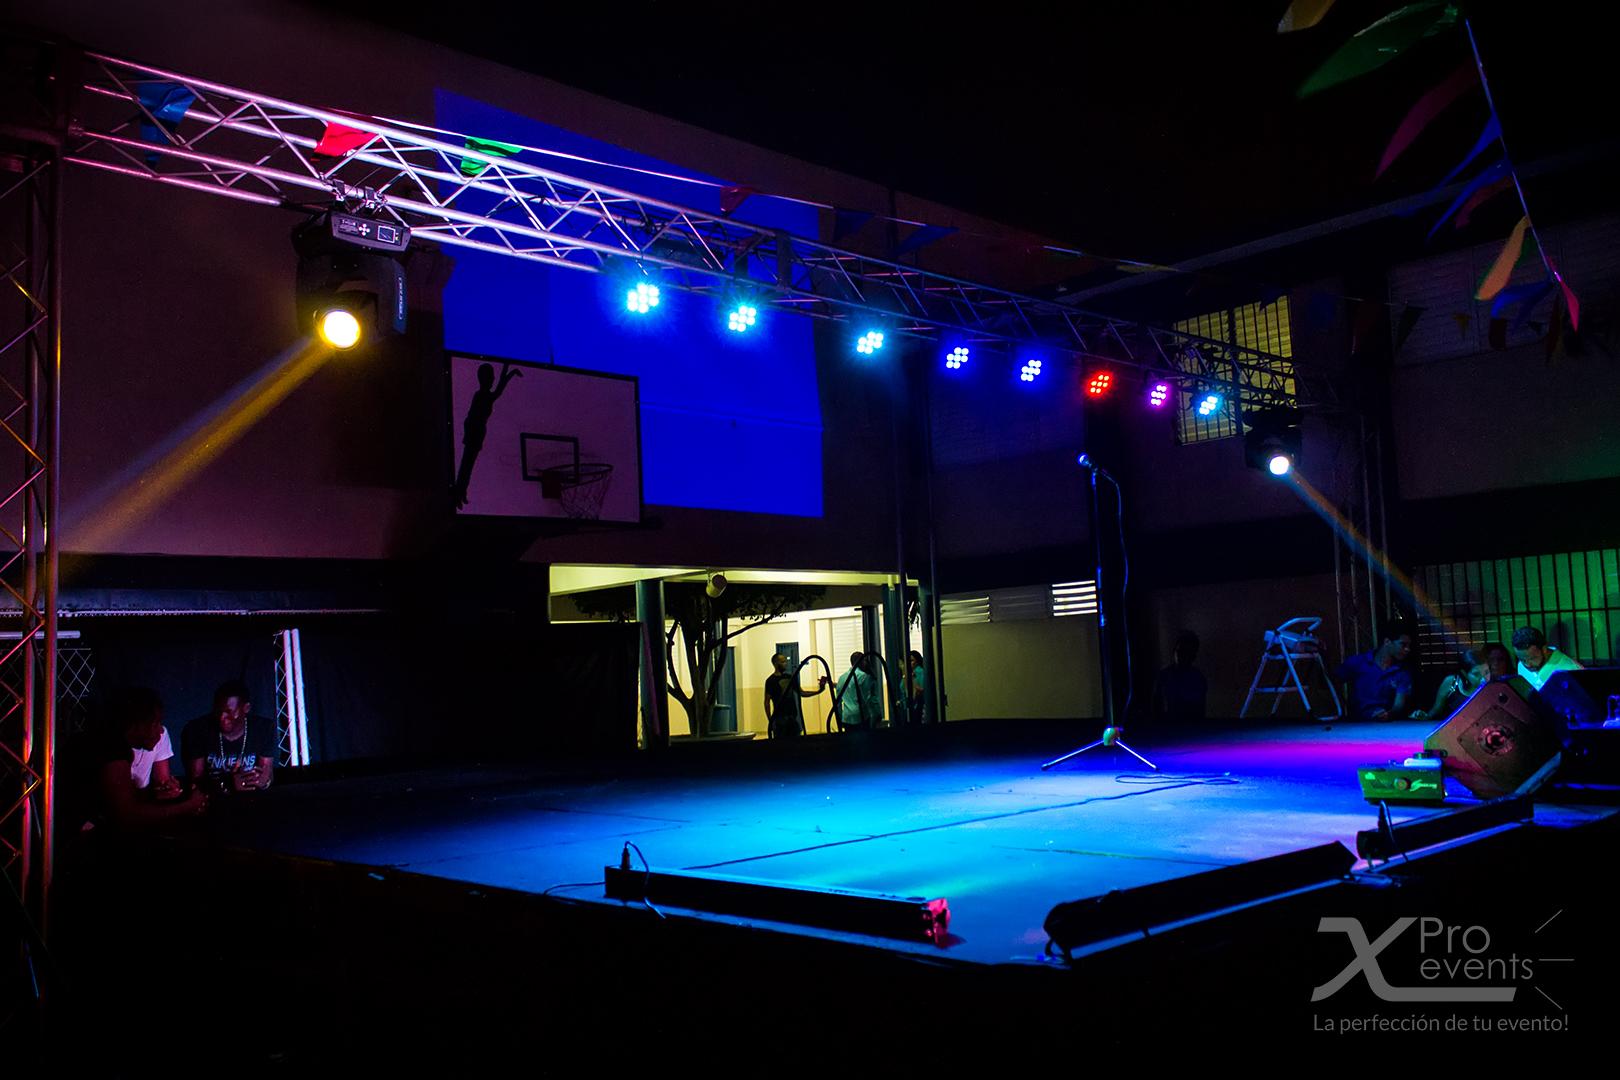 www.Xproevents.com - Tarimas & escenarios para conciertos